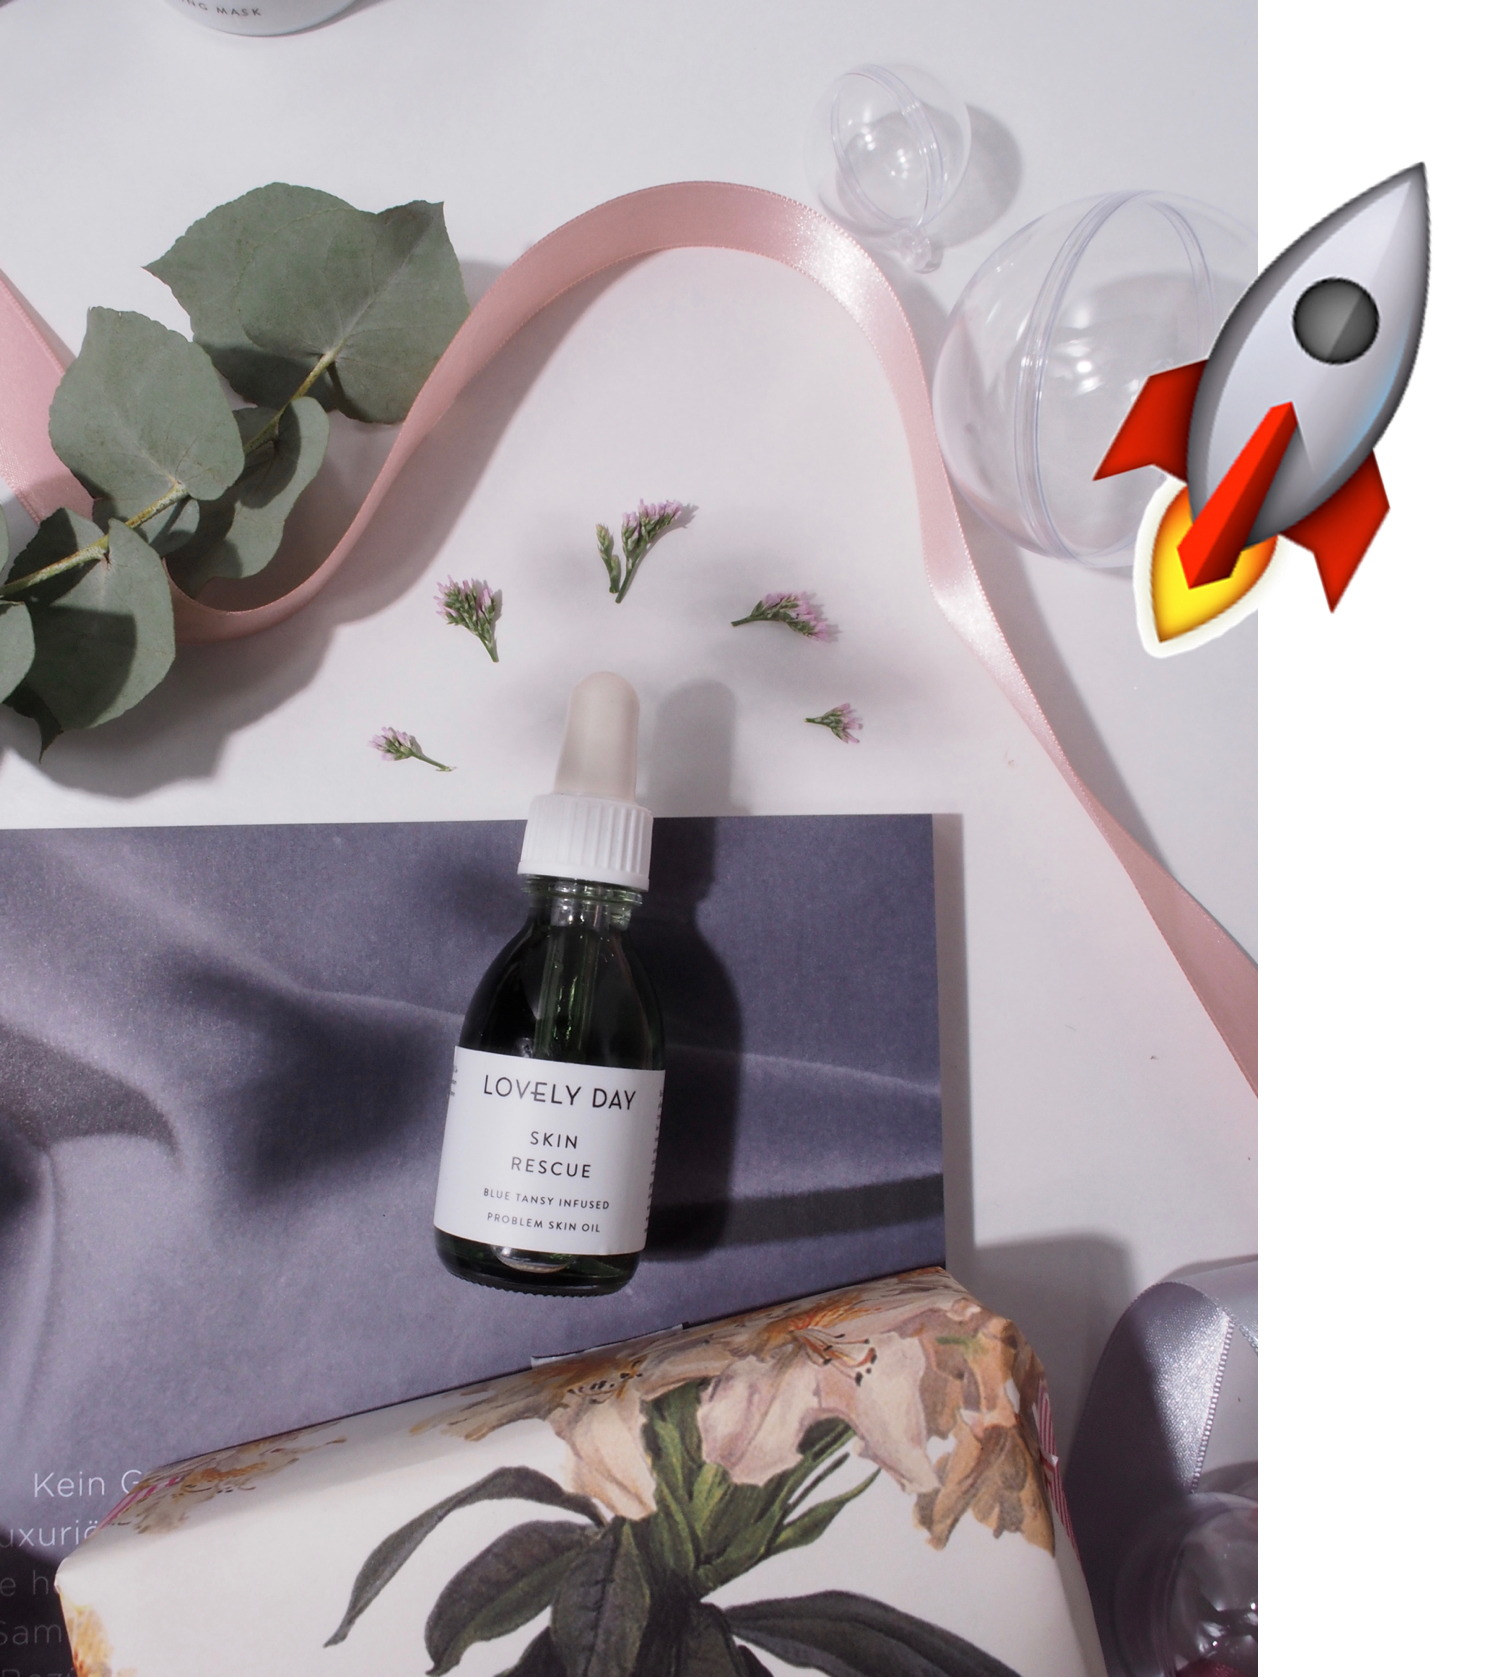 beautyblog-beauty-blog-bare-minds-Elina-Neumann bare minds Lovely Day Botanicals 2